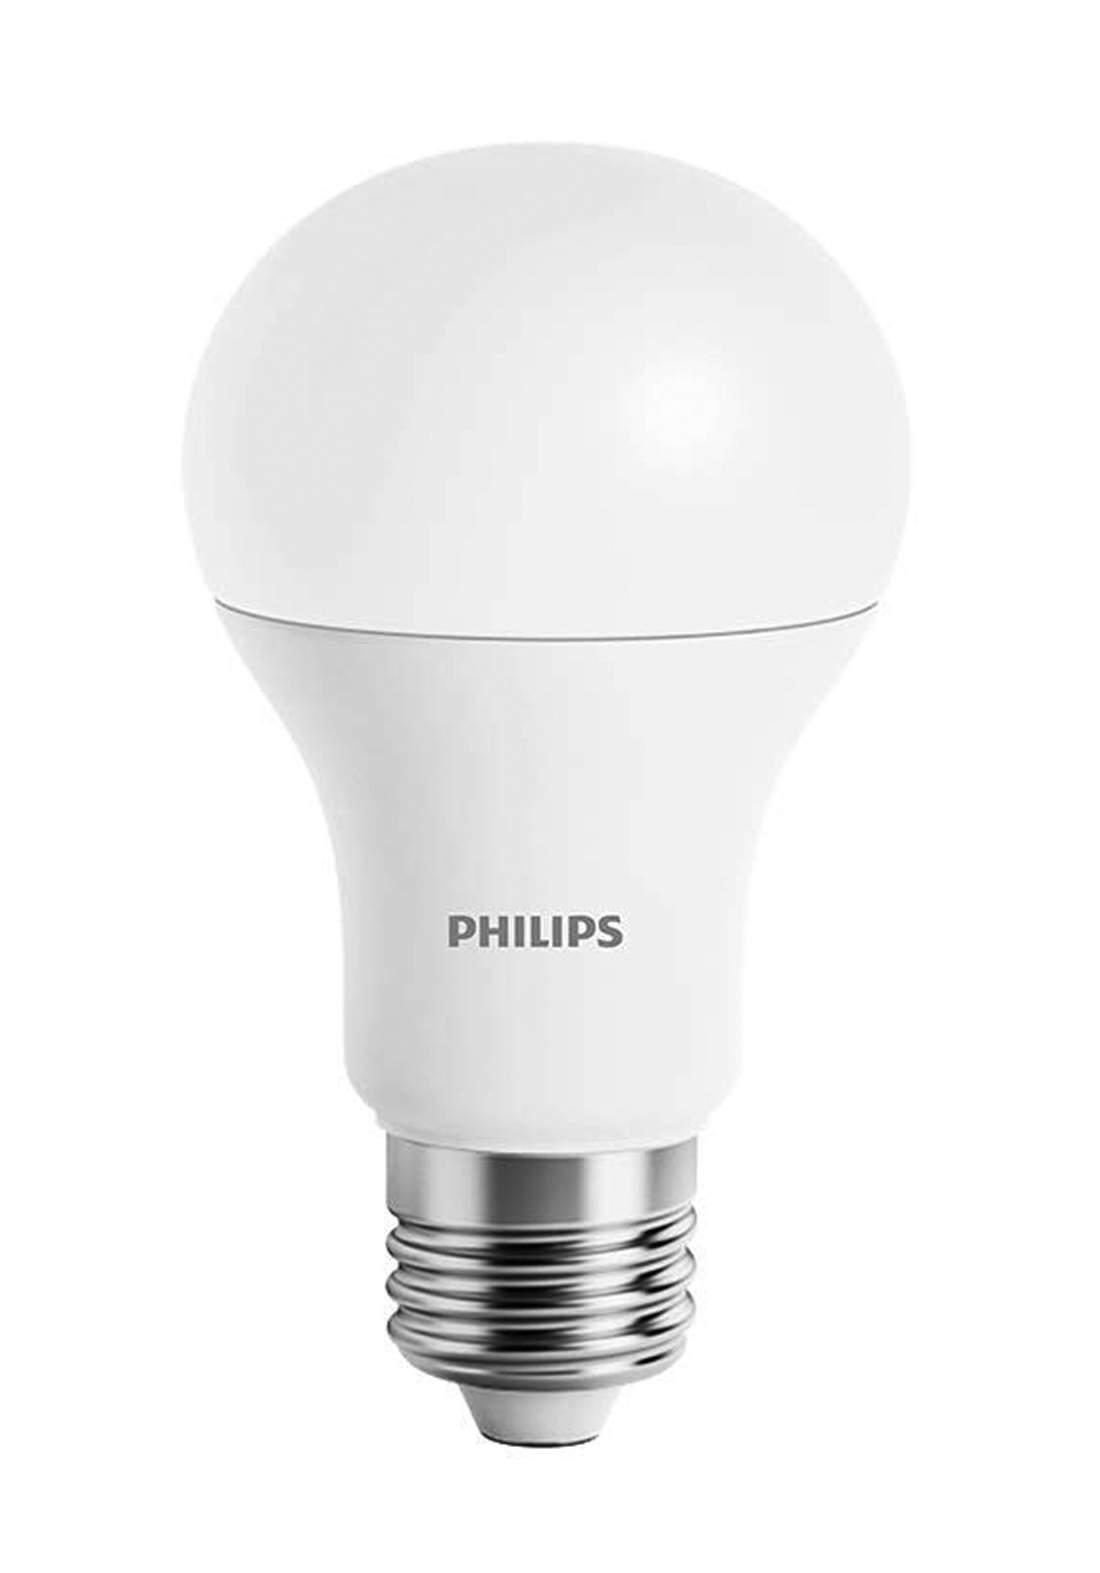 Xiaomi Philips Wi-Fi Bulb E27 White  لمبة إضاءة واي فاي من فيليبس، ابيض